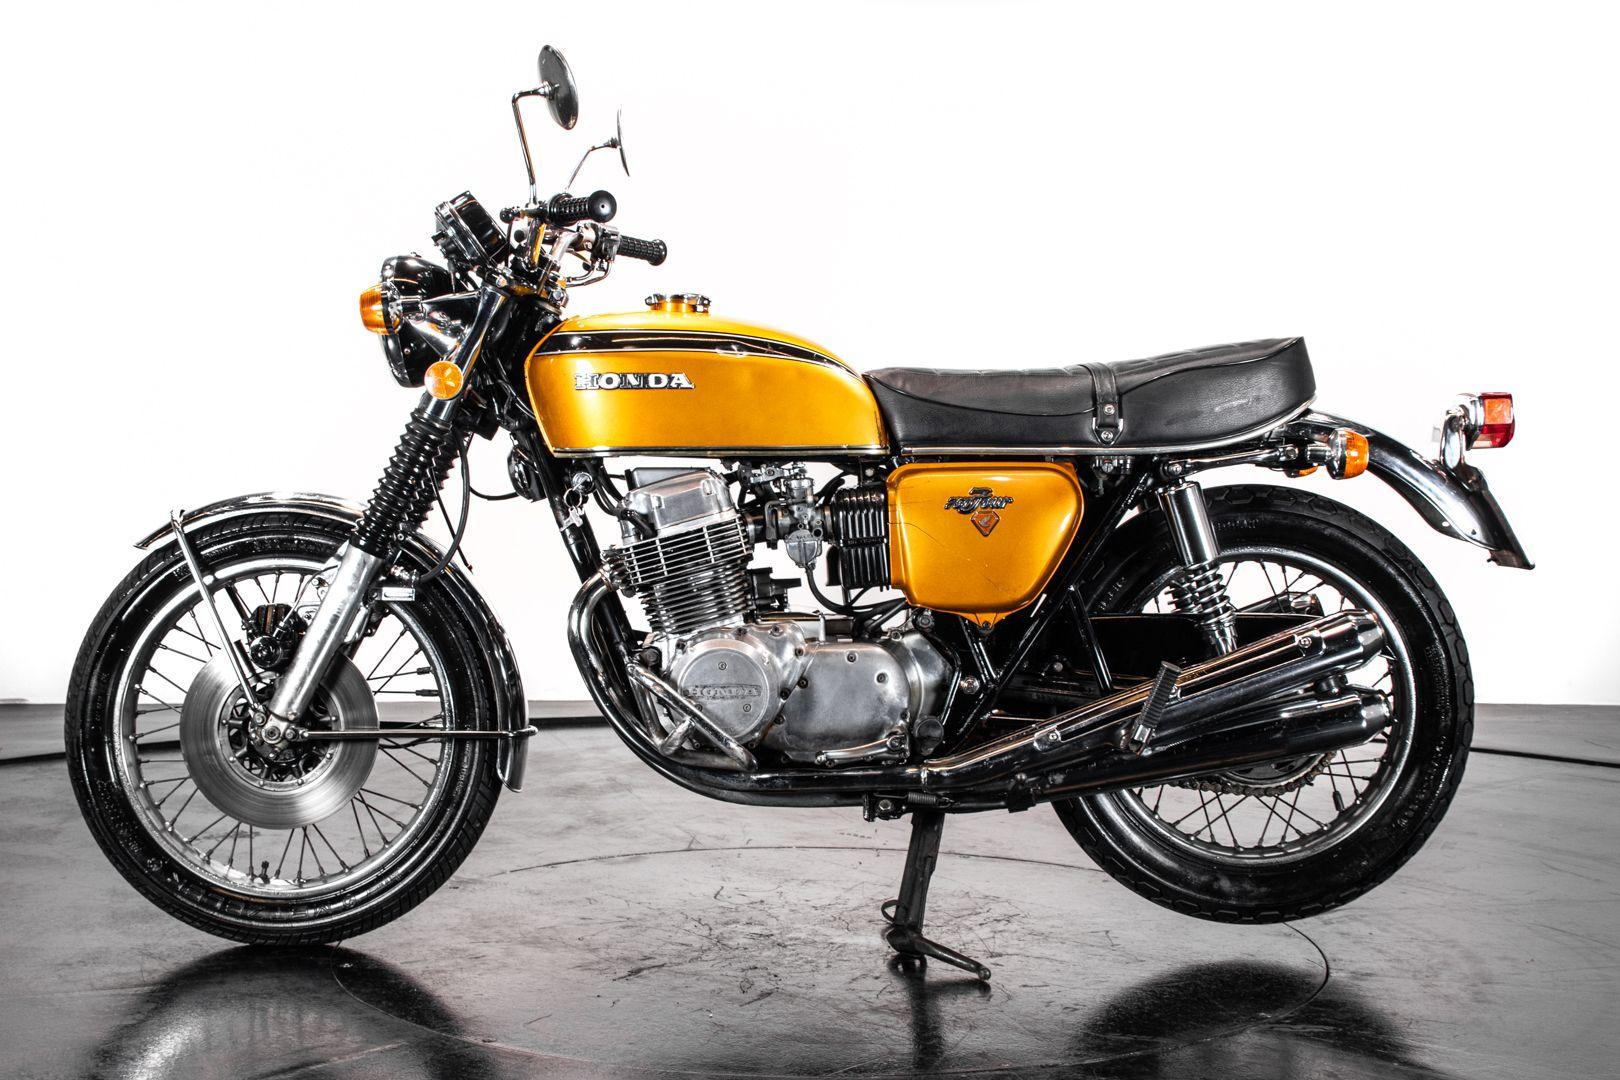 1972 Honda CB 750 Four 67810